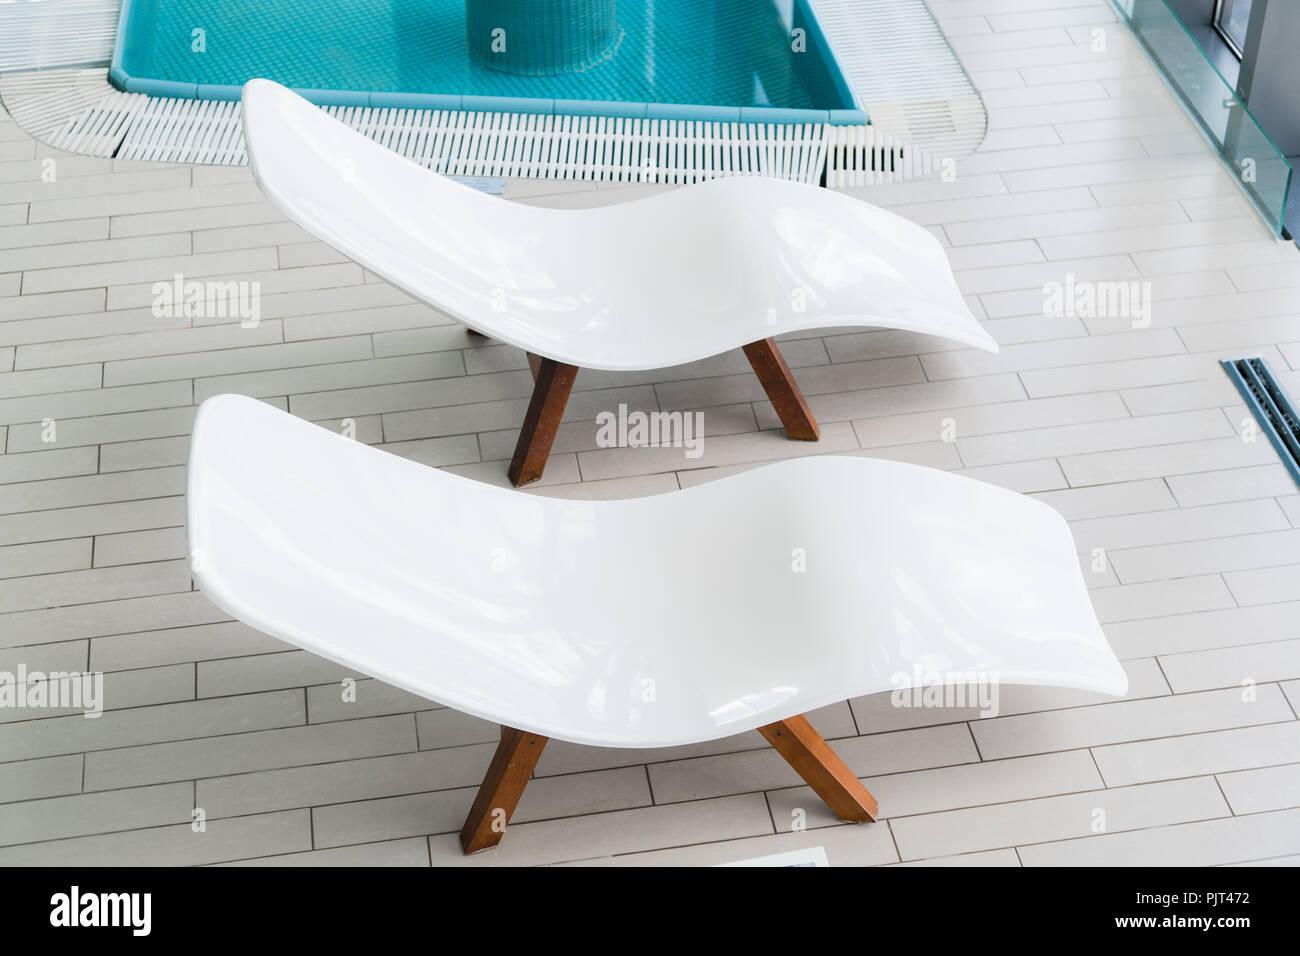 Sedie A Sdraio Per Interni.Vuote Due Poltrone Bianche All Interno Della Stanza Piastrellata